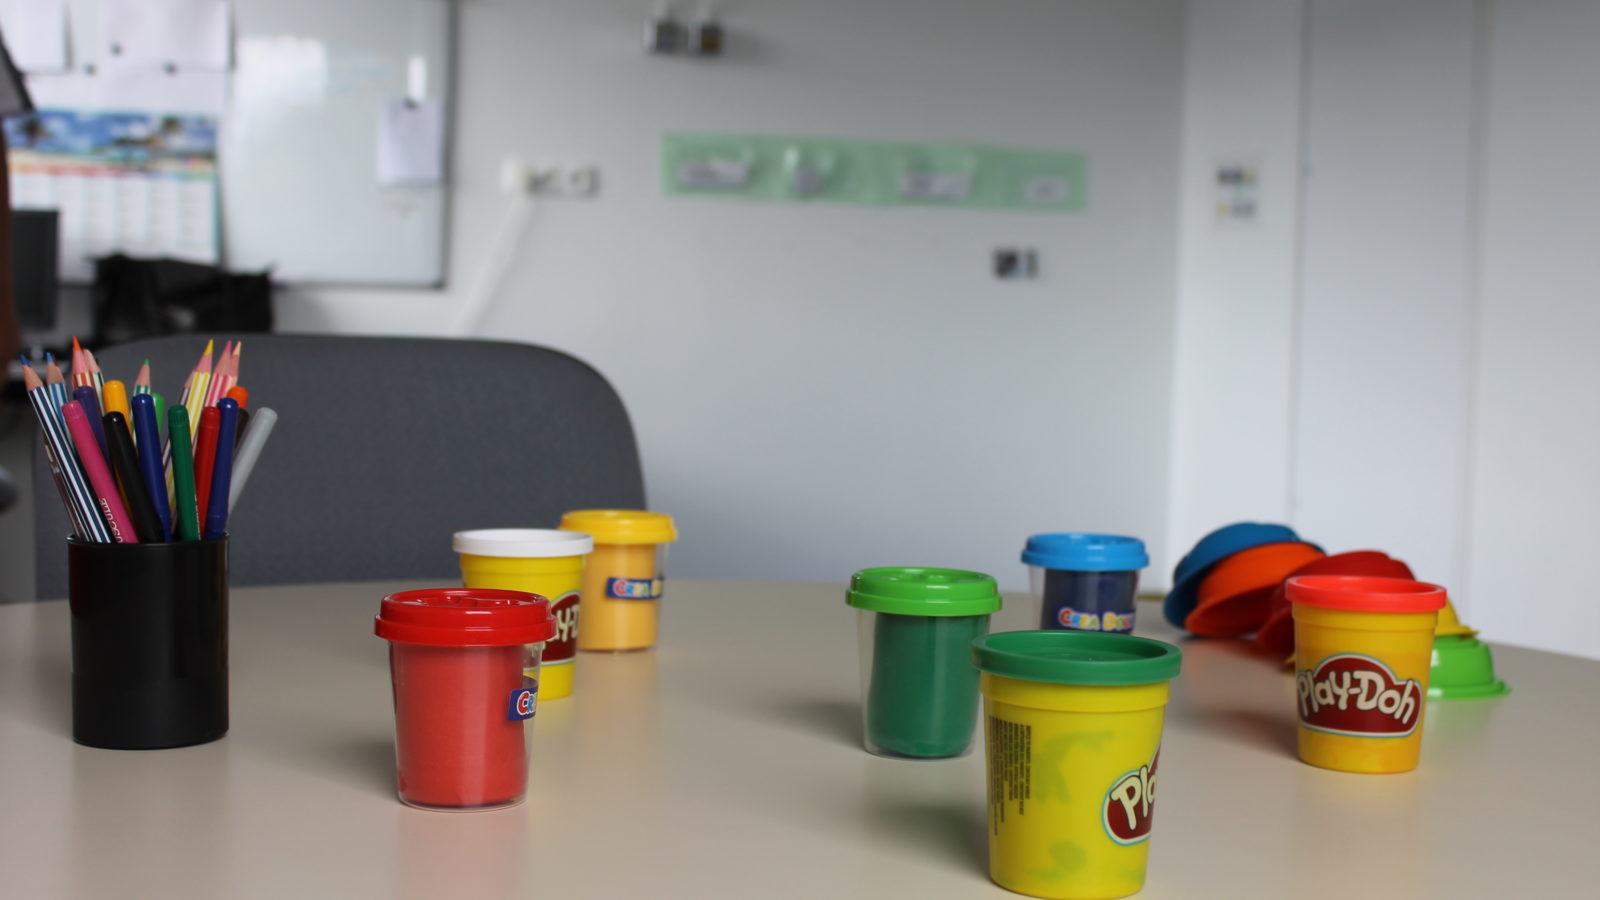 Photographie d'un pot de crayons de couleurs et de pots de pate à modeler posés sur une table.